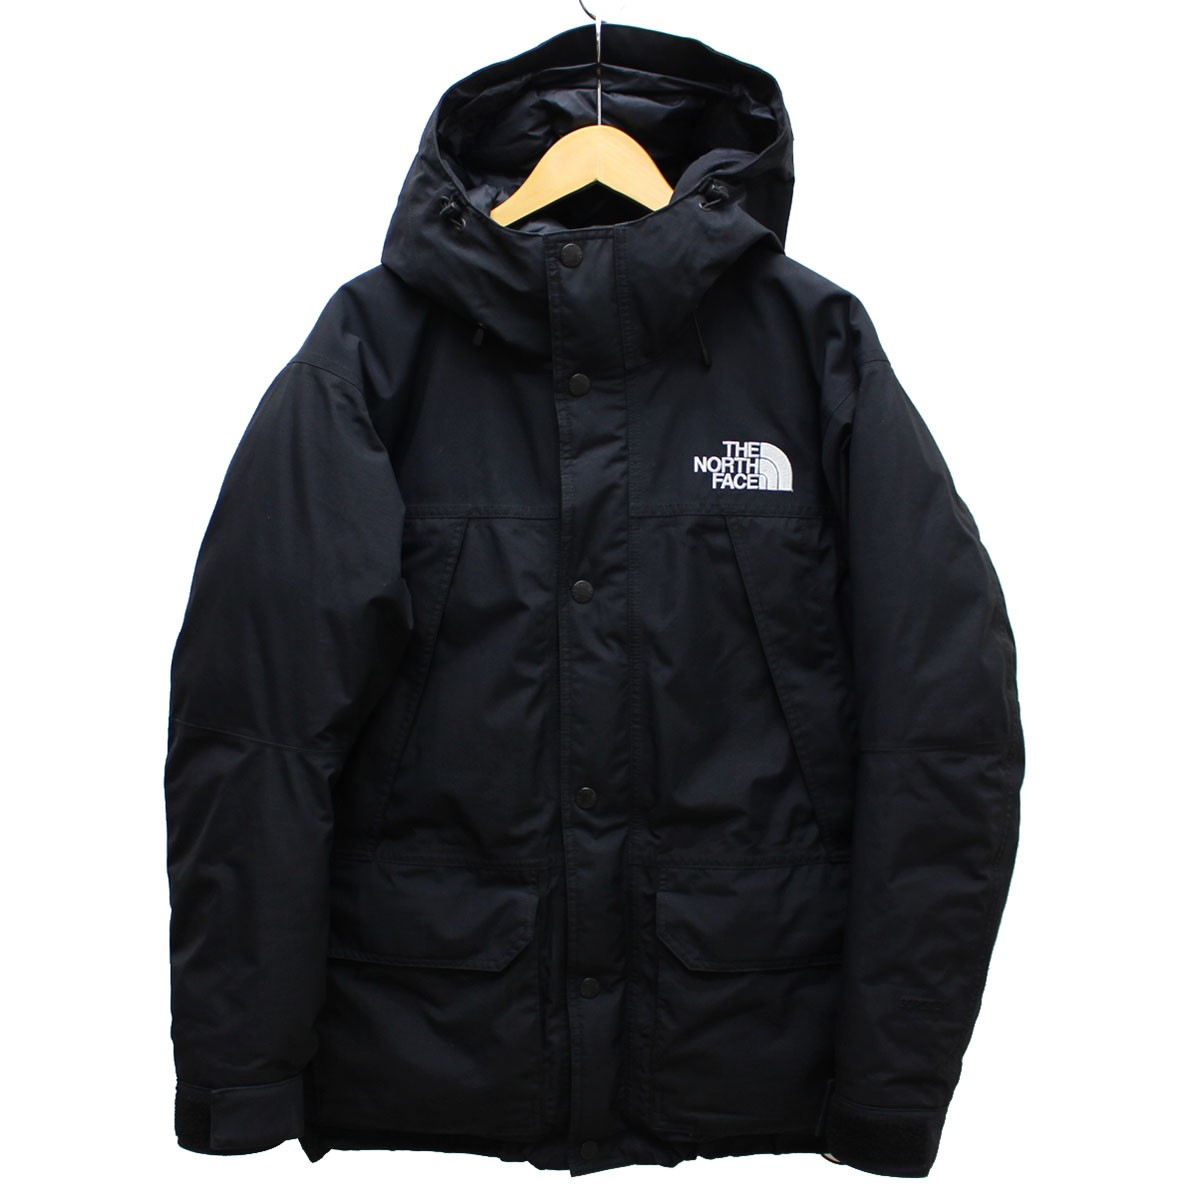 【中古】THE NORTH FACE MOUNTAIN DOWN PARKA 17AW ND91700R ダウンジャケット ブラック サイズ:M 【送料無料】 【190319】(ザノースフェイス)